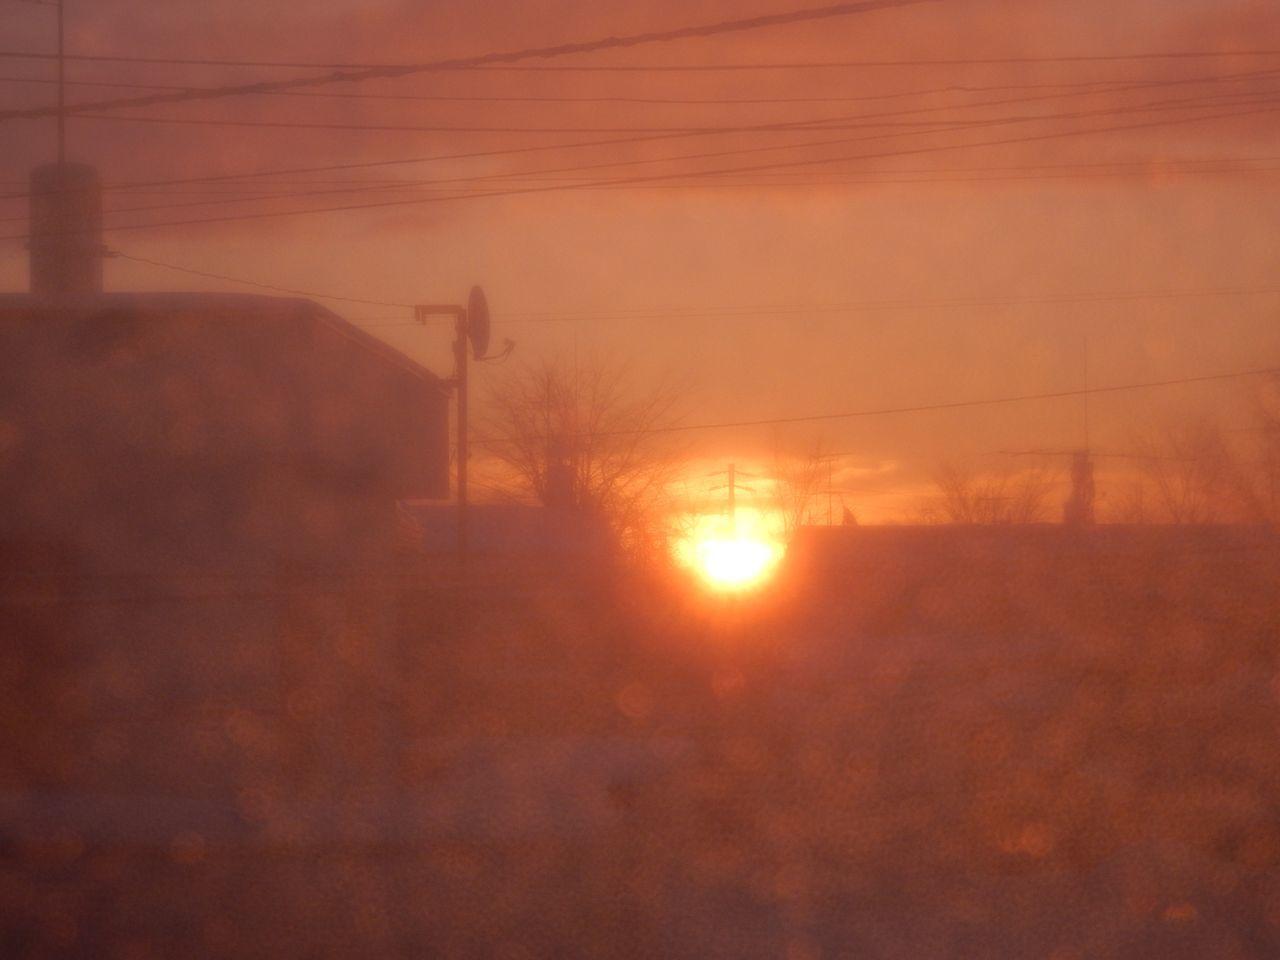 太陽も少しずつ早起きになってきた_c0025115_21481544.jpg